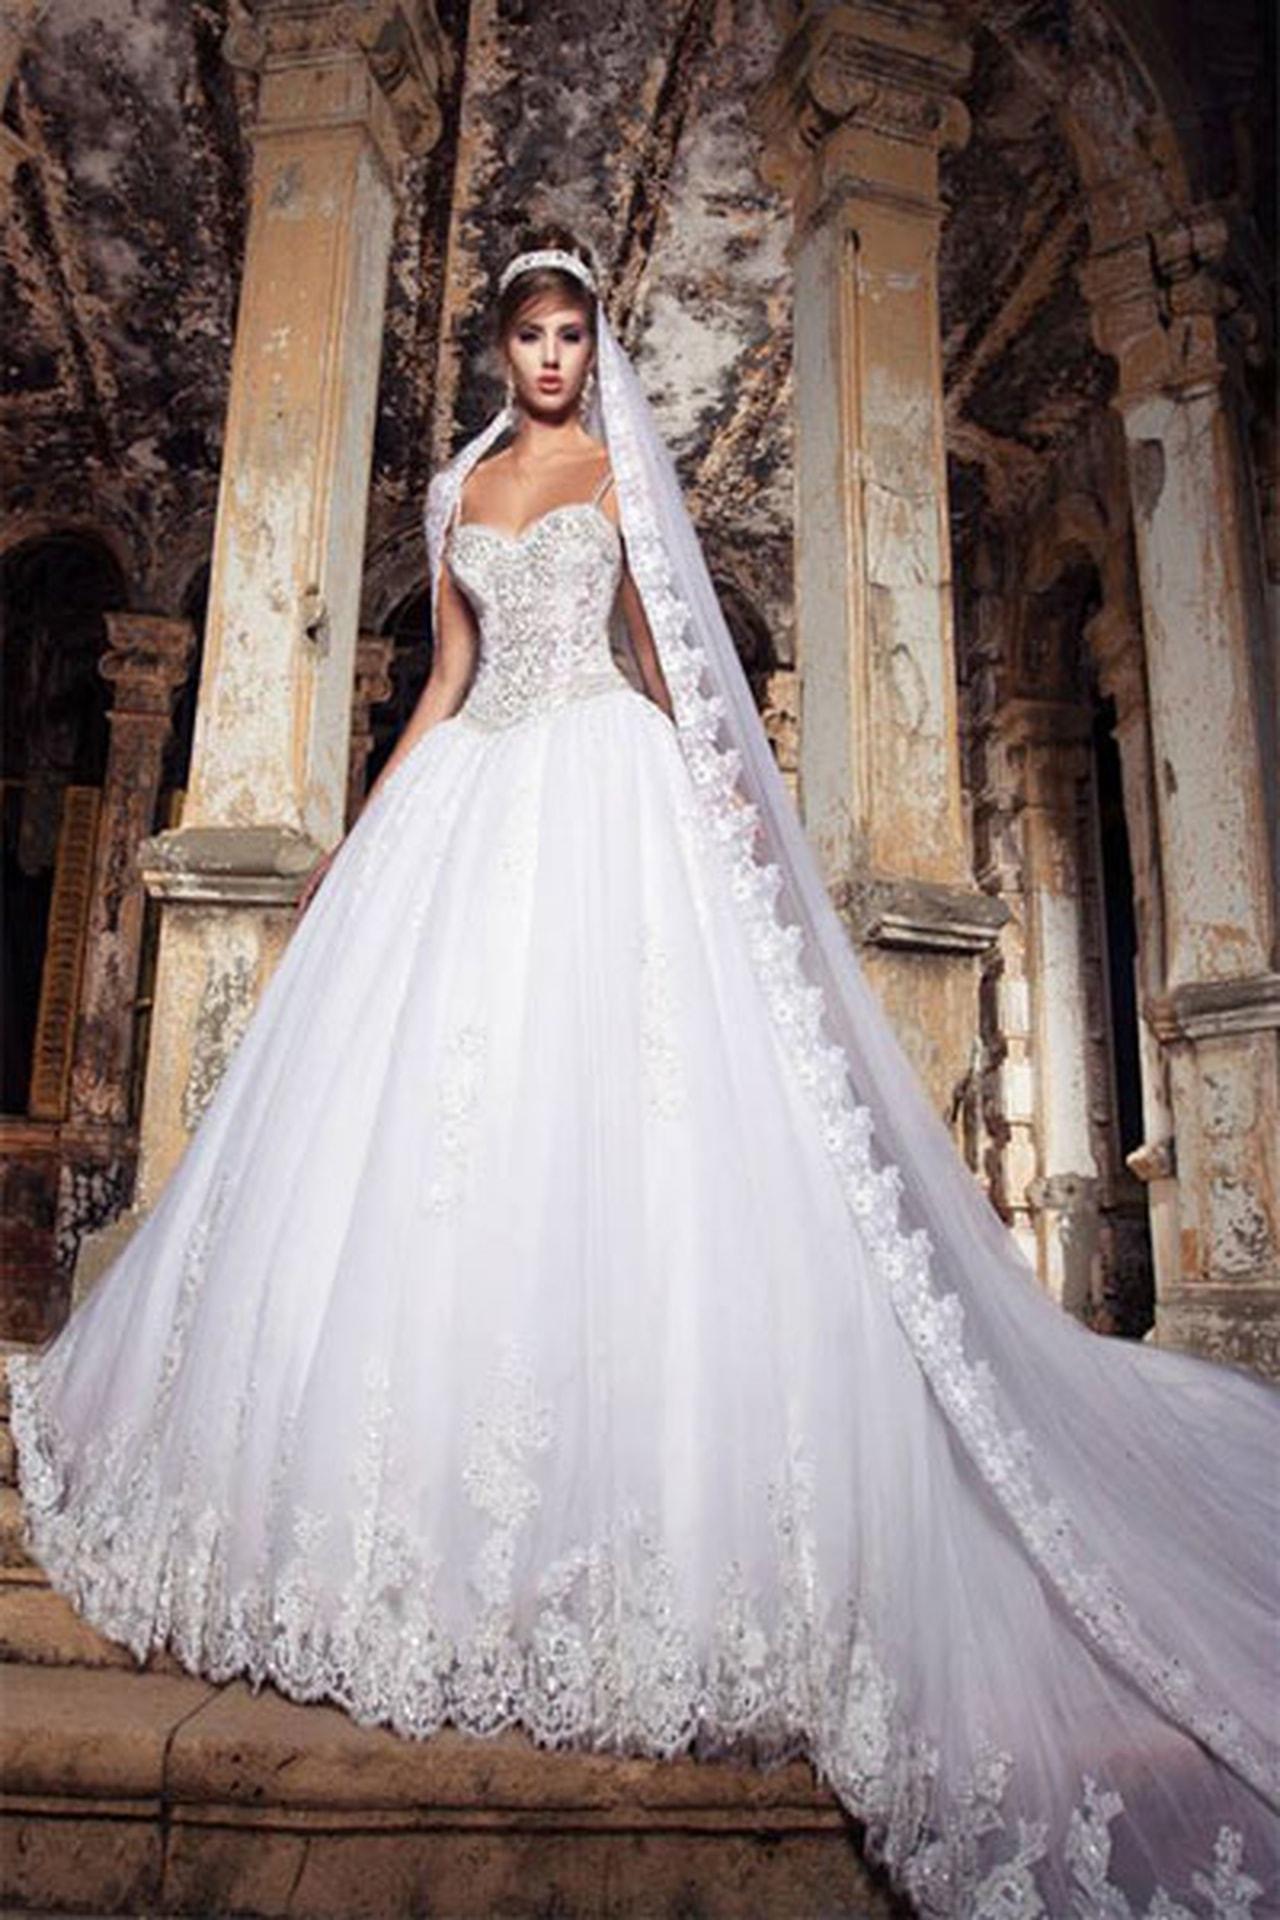 بالصور اجمل فساتين العرس , اروع فستان فرح 922 7